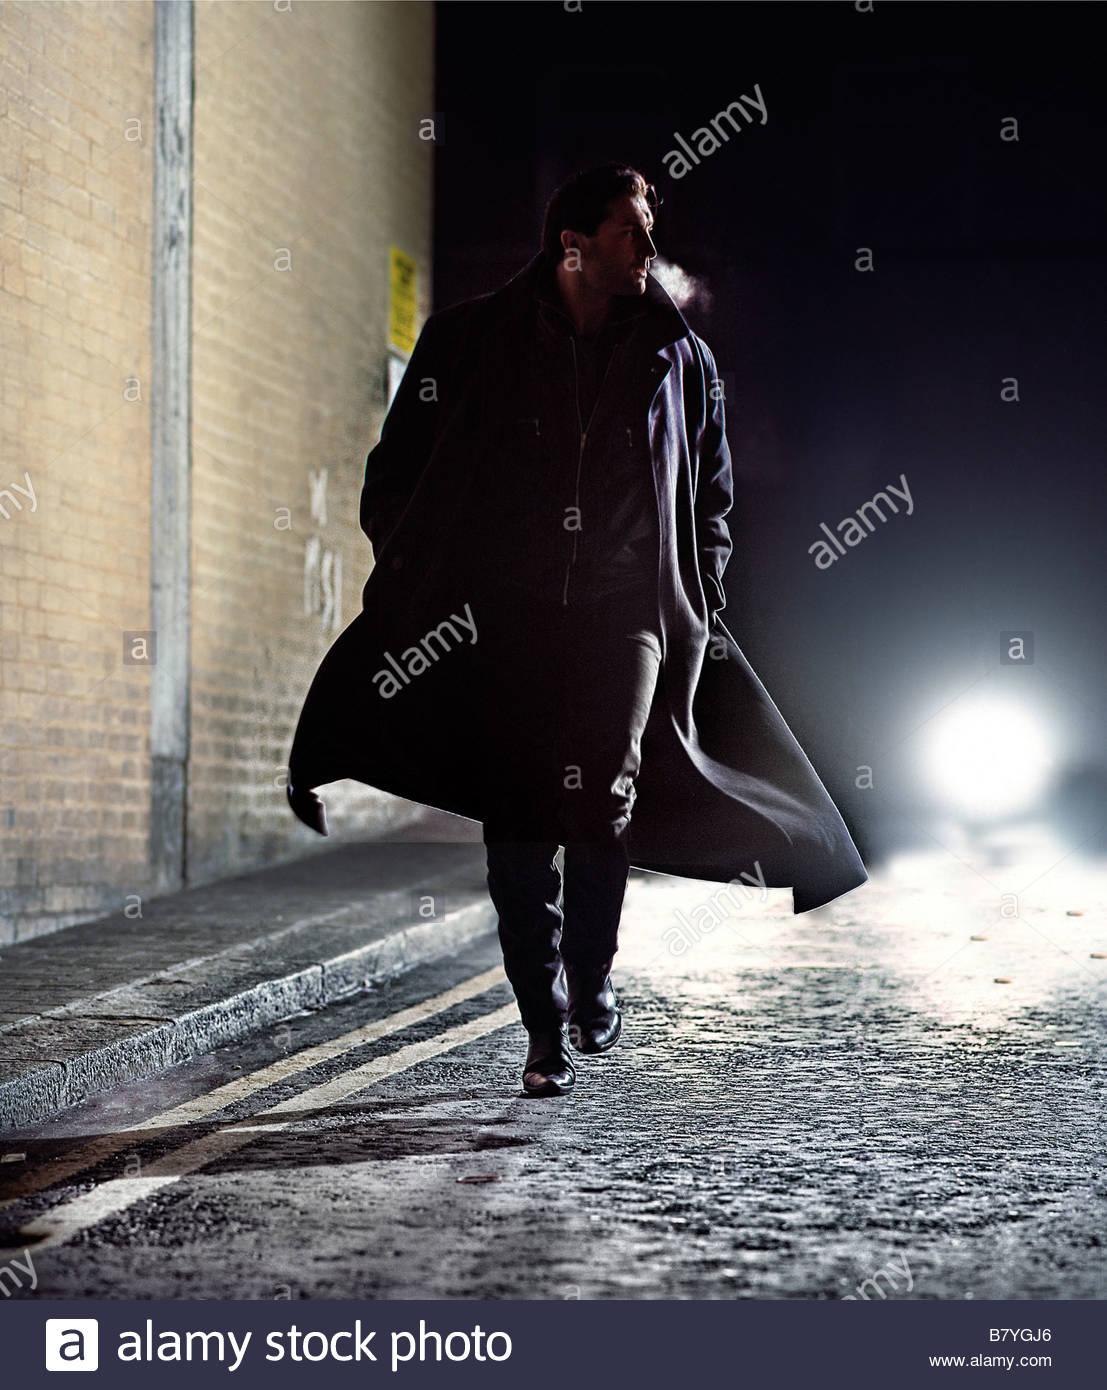 Uomo in soprabito correndo giù per strada di notte - Luci auto dietro Immagini Stock